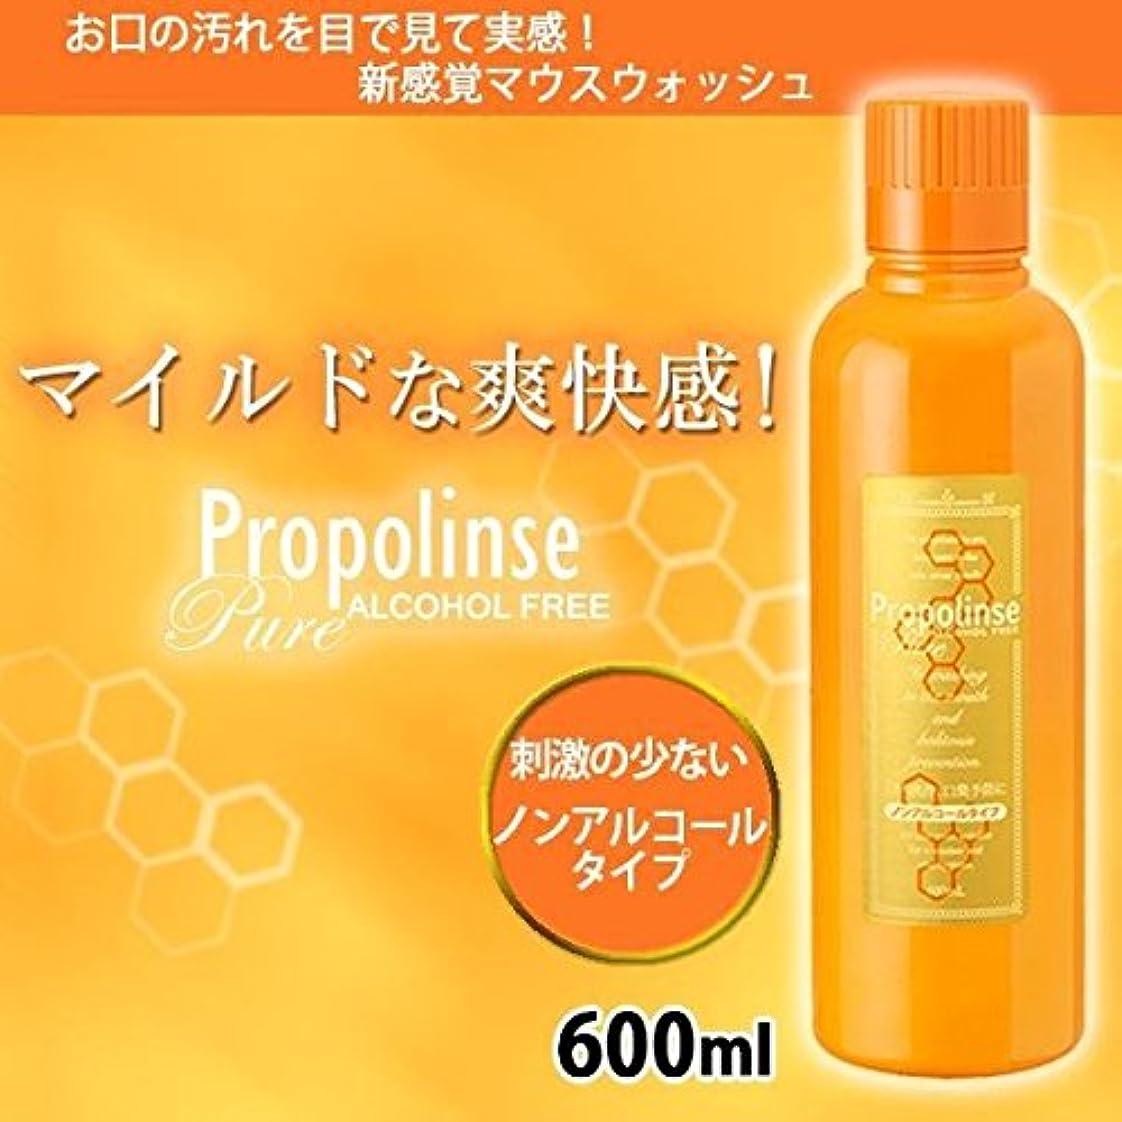 メイト隔離急行するプロポリンス ピュア (ノンアルコール マウスウォッシュ) 600ml